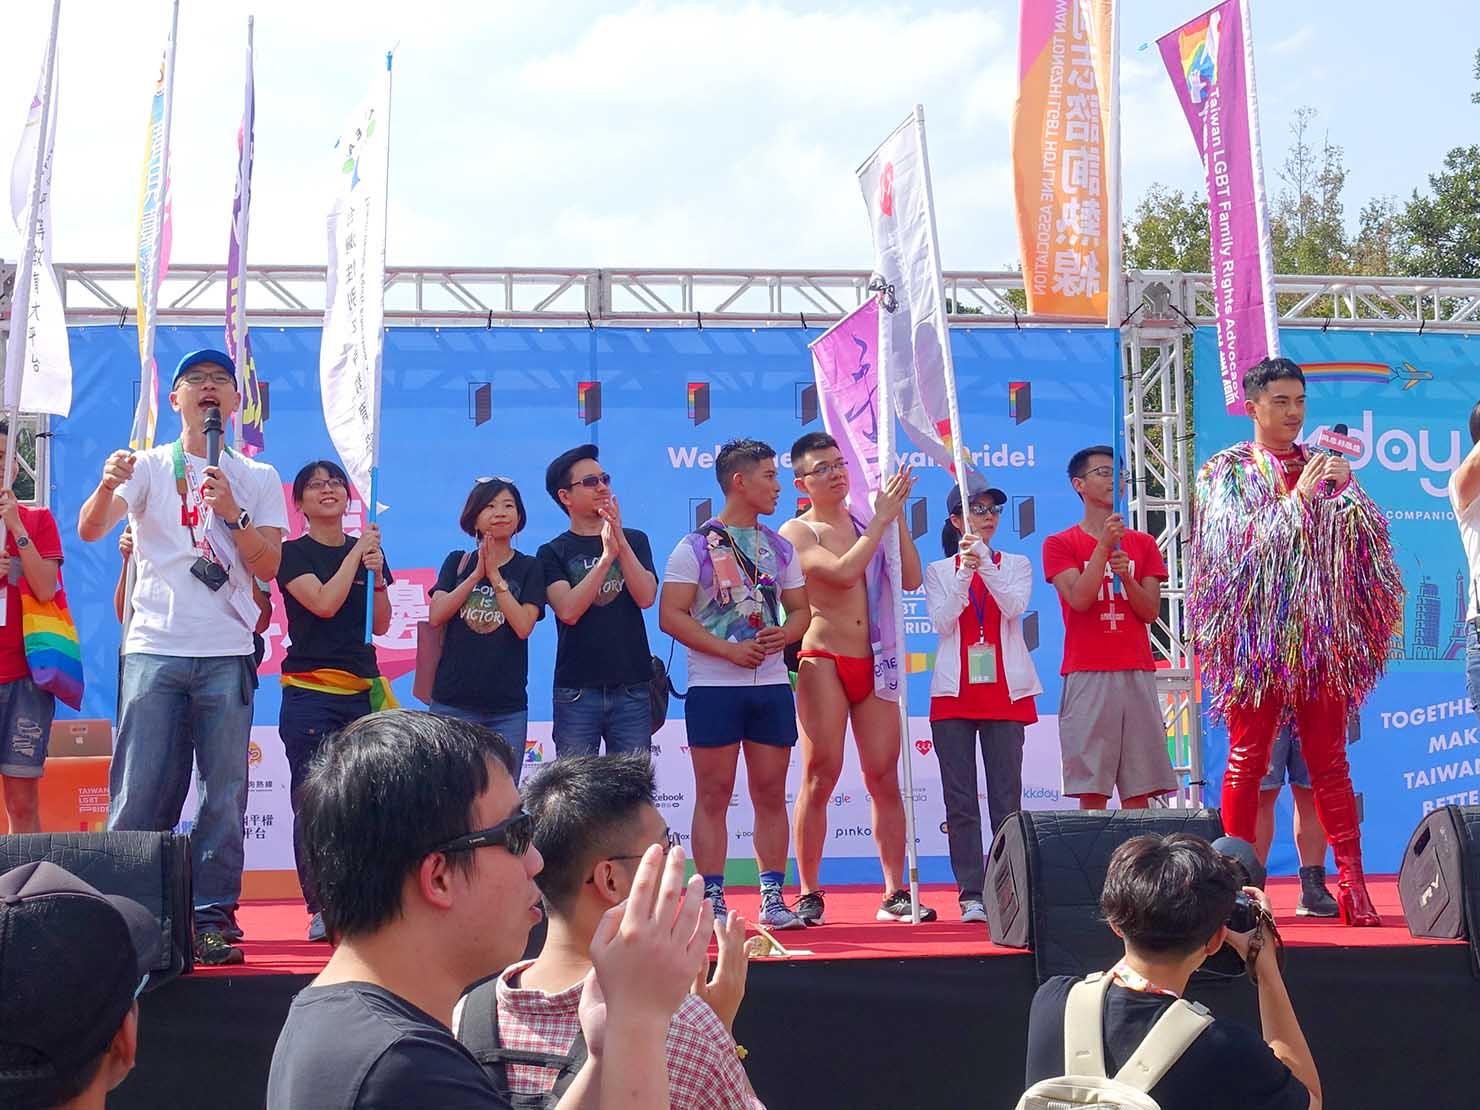 台灣同志遊行(台湾LGBTプライド)2019の会場ステージ